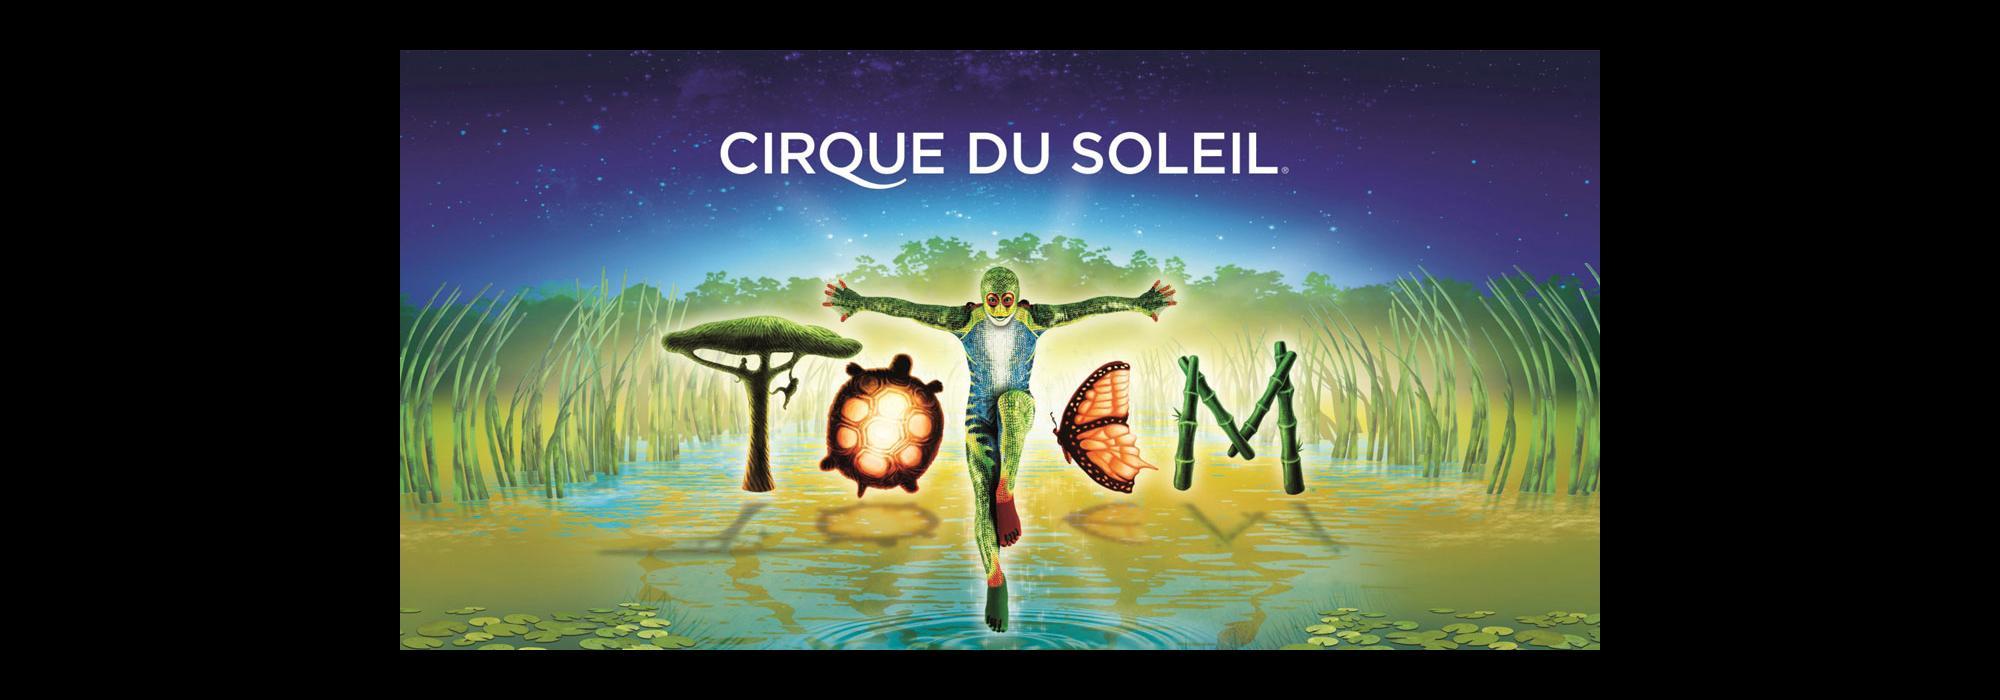 Circo del sol Totem